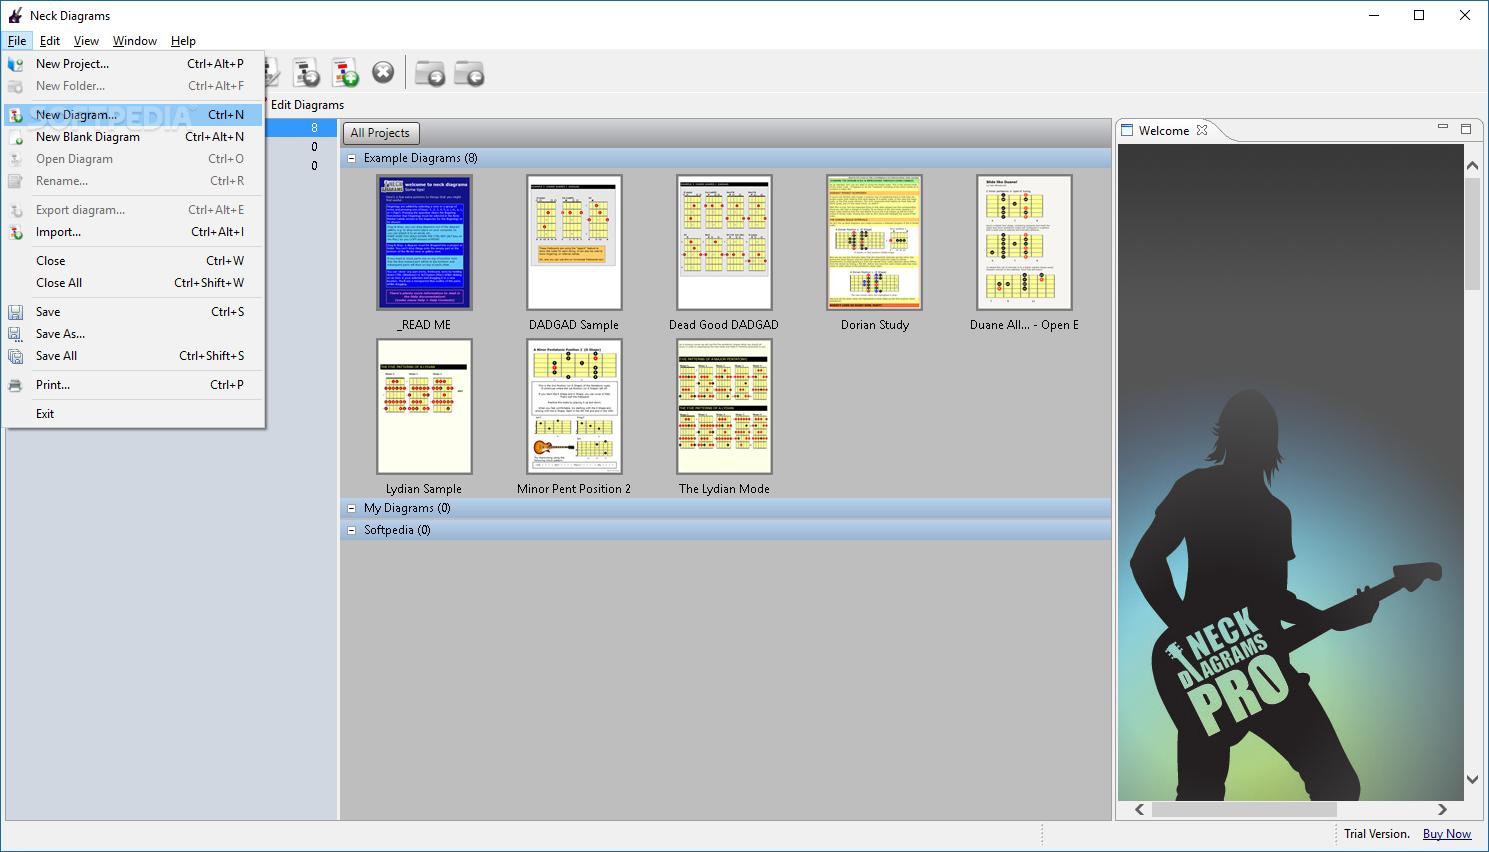 Download Neck Diagrams 1.11.3